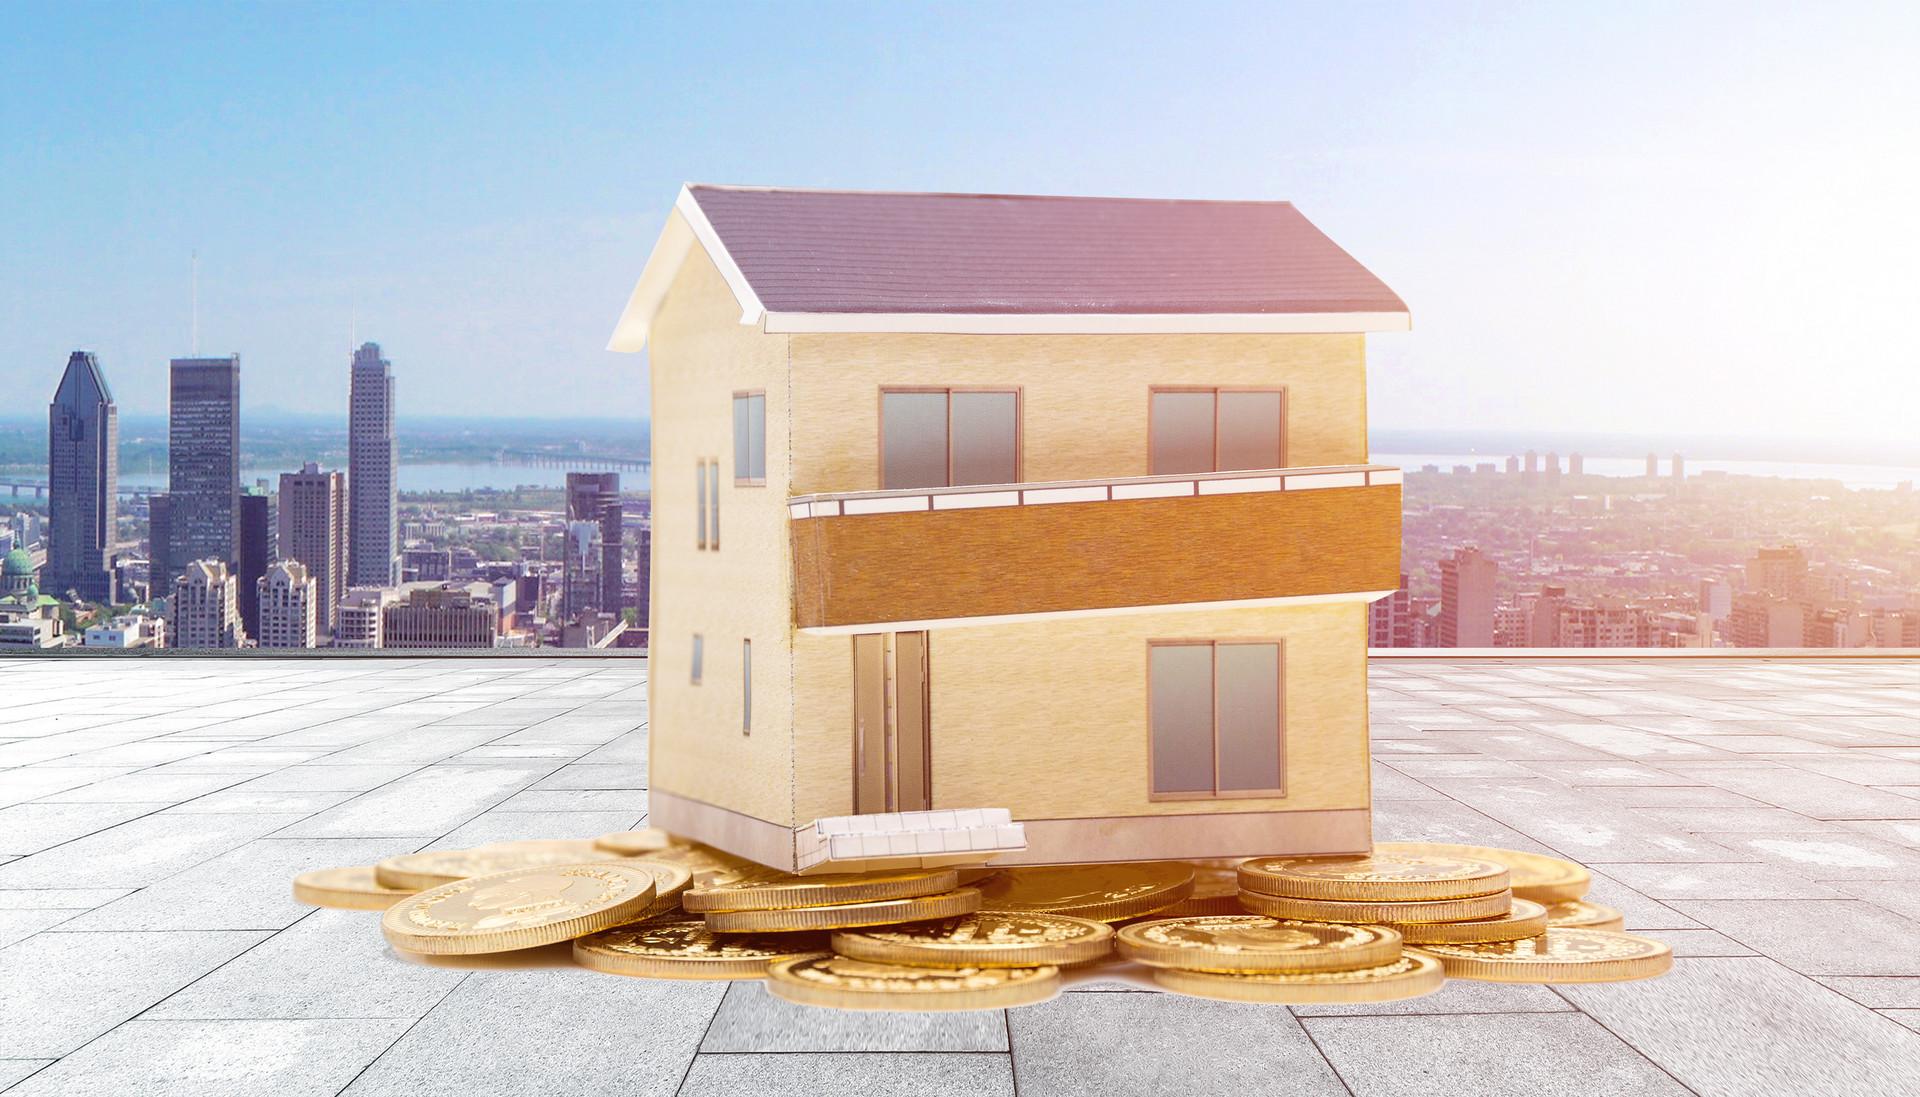 小产权房排除在外 青岛发布化解住房产权问题工作方案